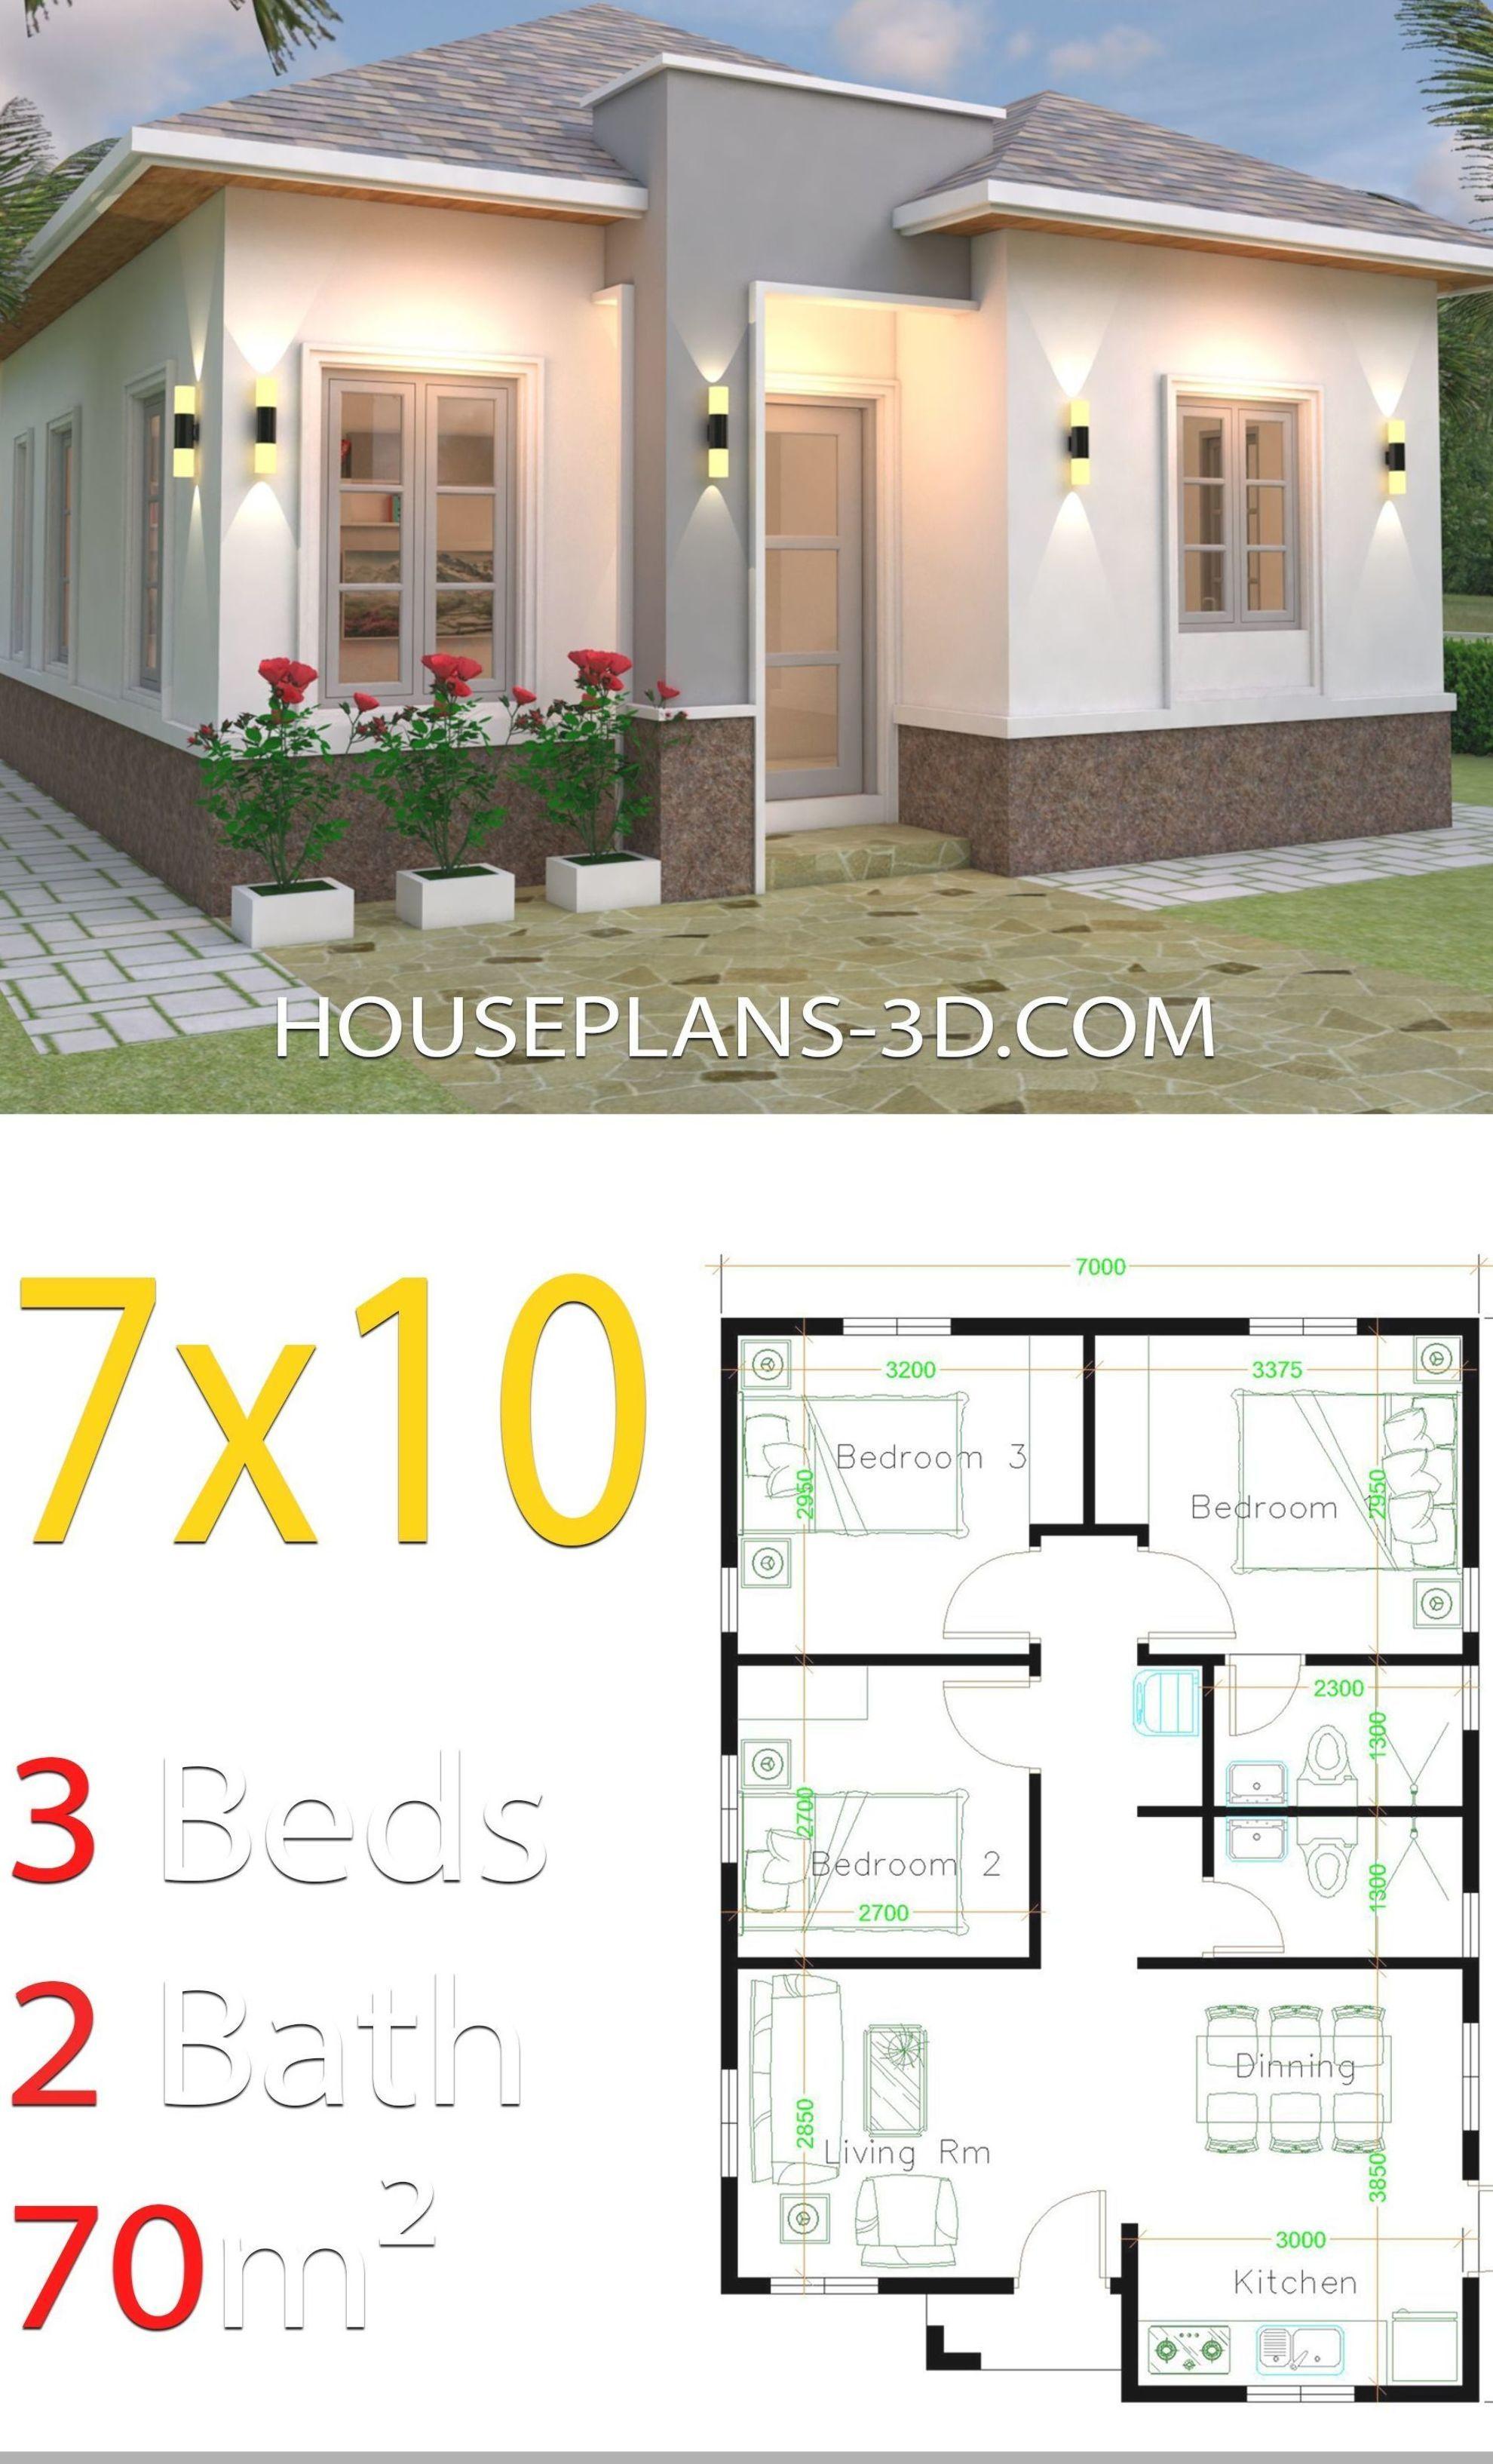 House Design 7x10 With 3 Bedrooms Hip Roof House Plans 3d Denah Rumah Denah Rumah Kecil Rumah Minimalis